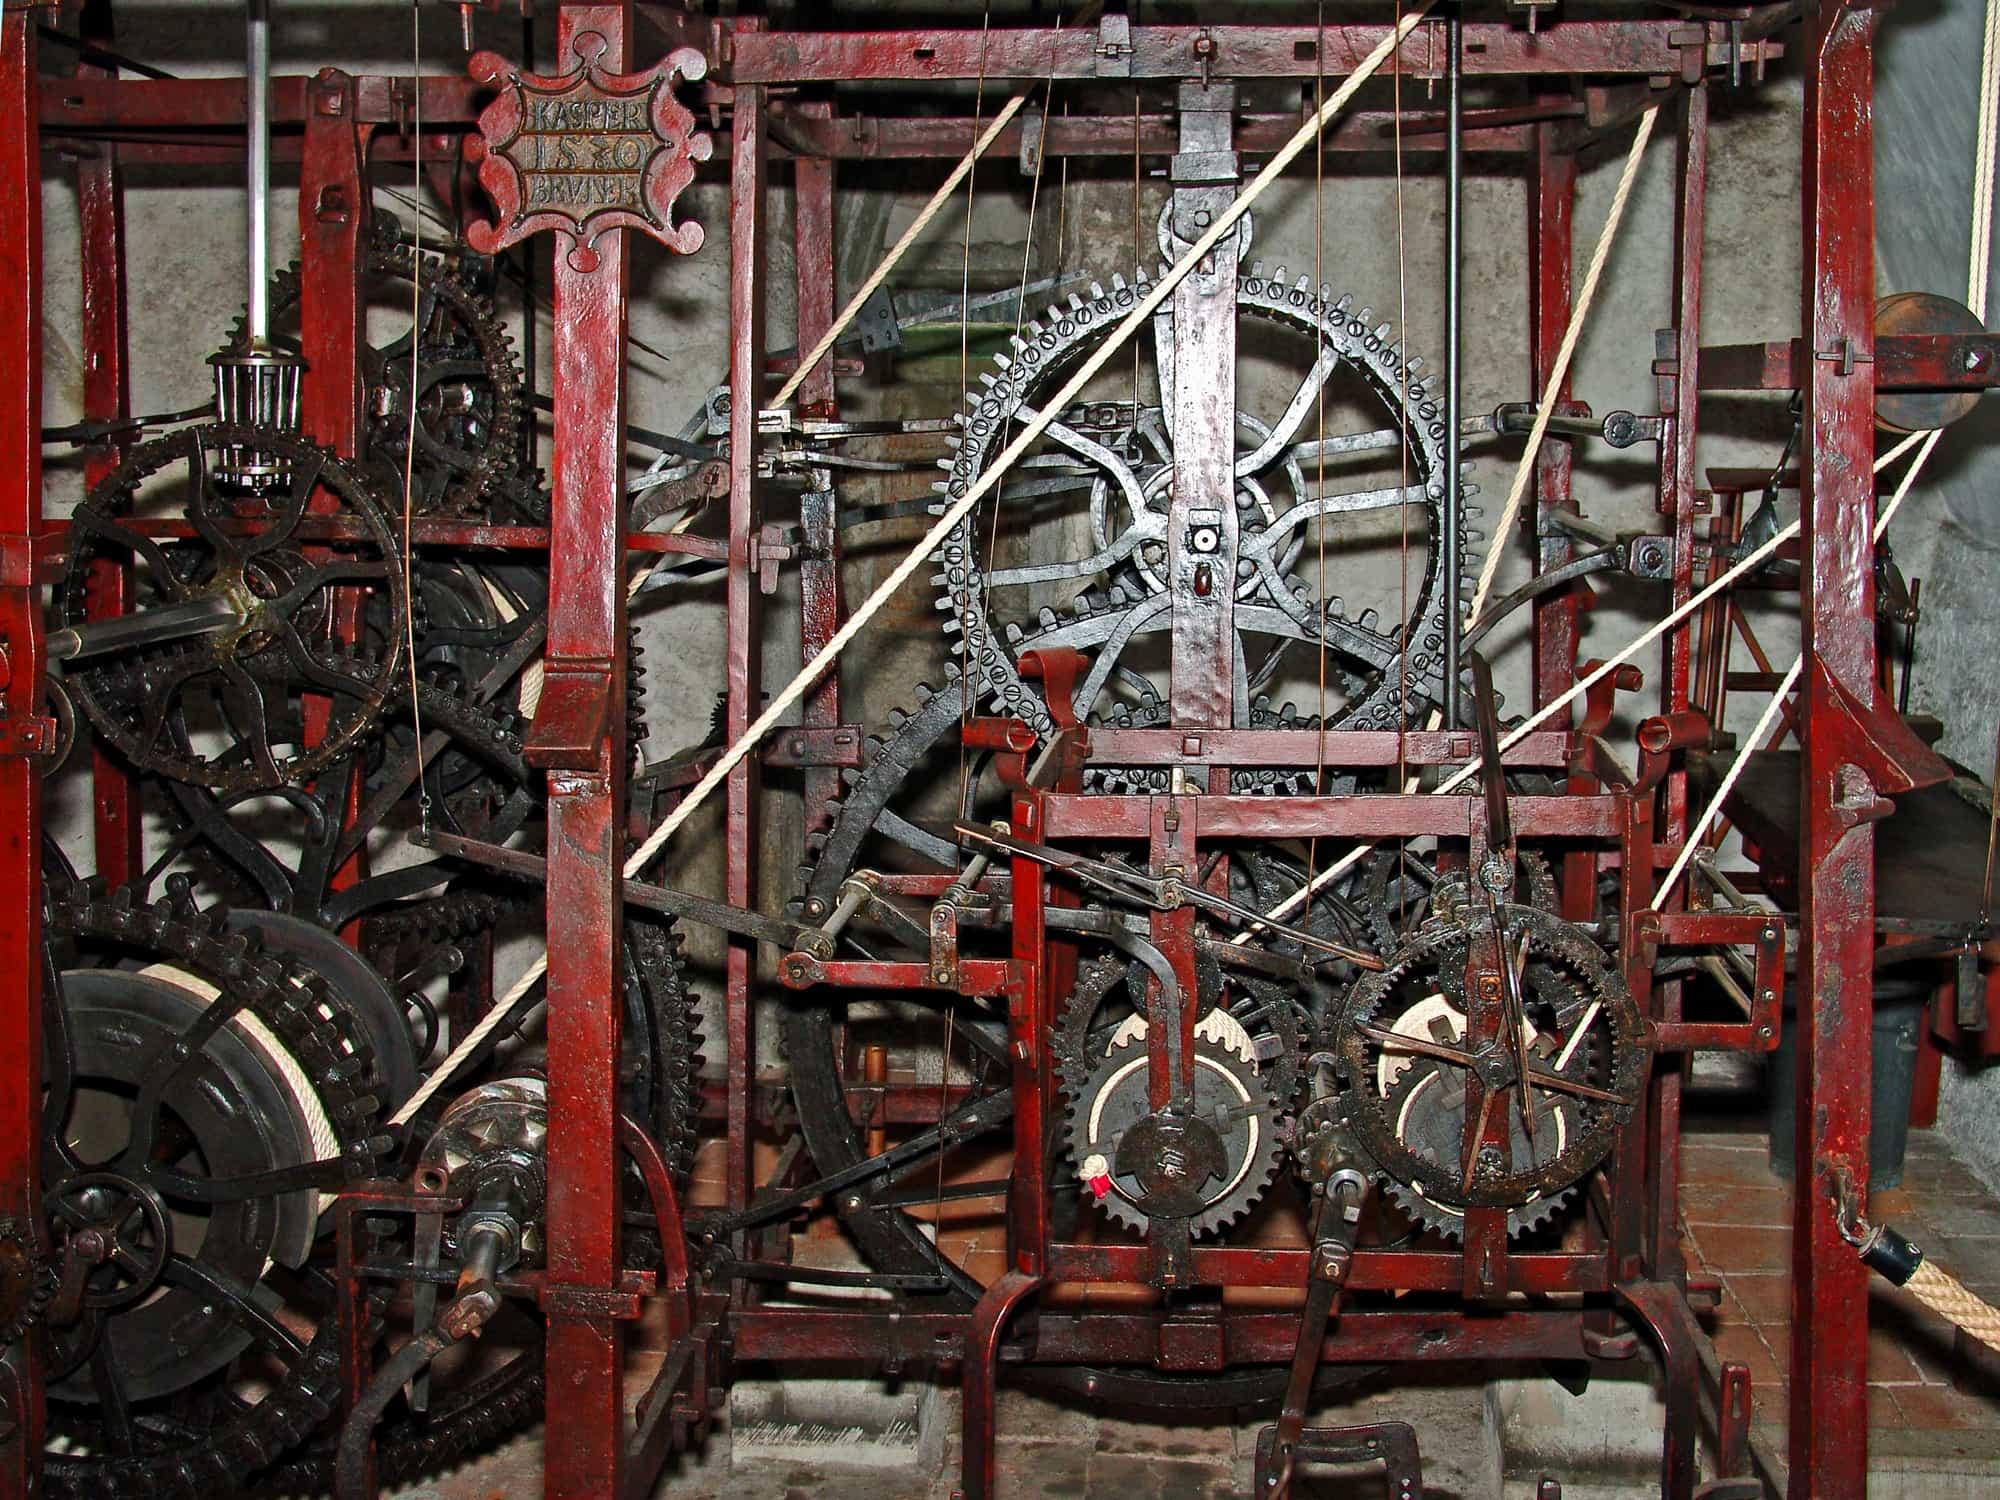 伯尔尼钟楼 — 古老的复杂机械钟表